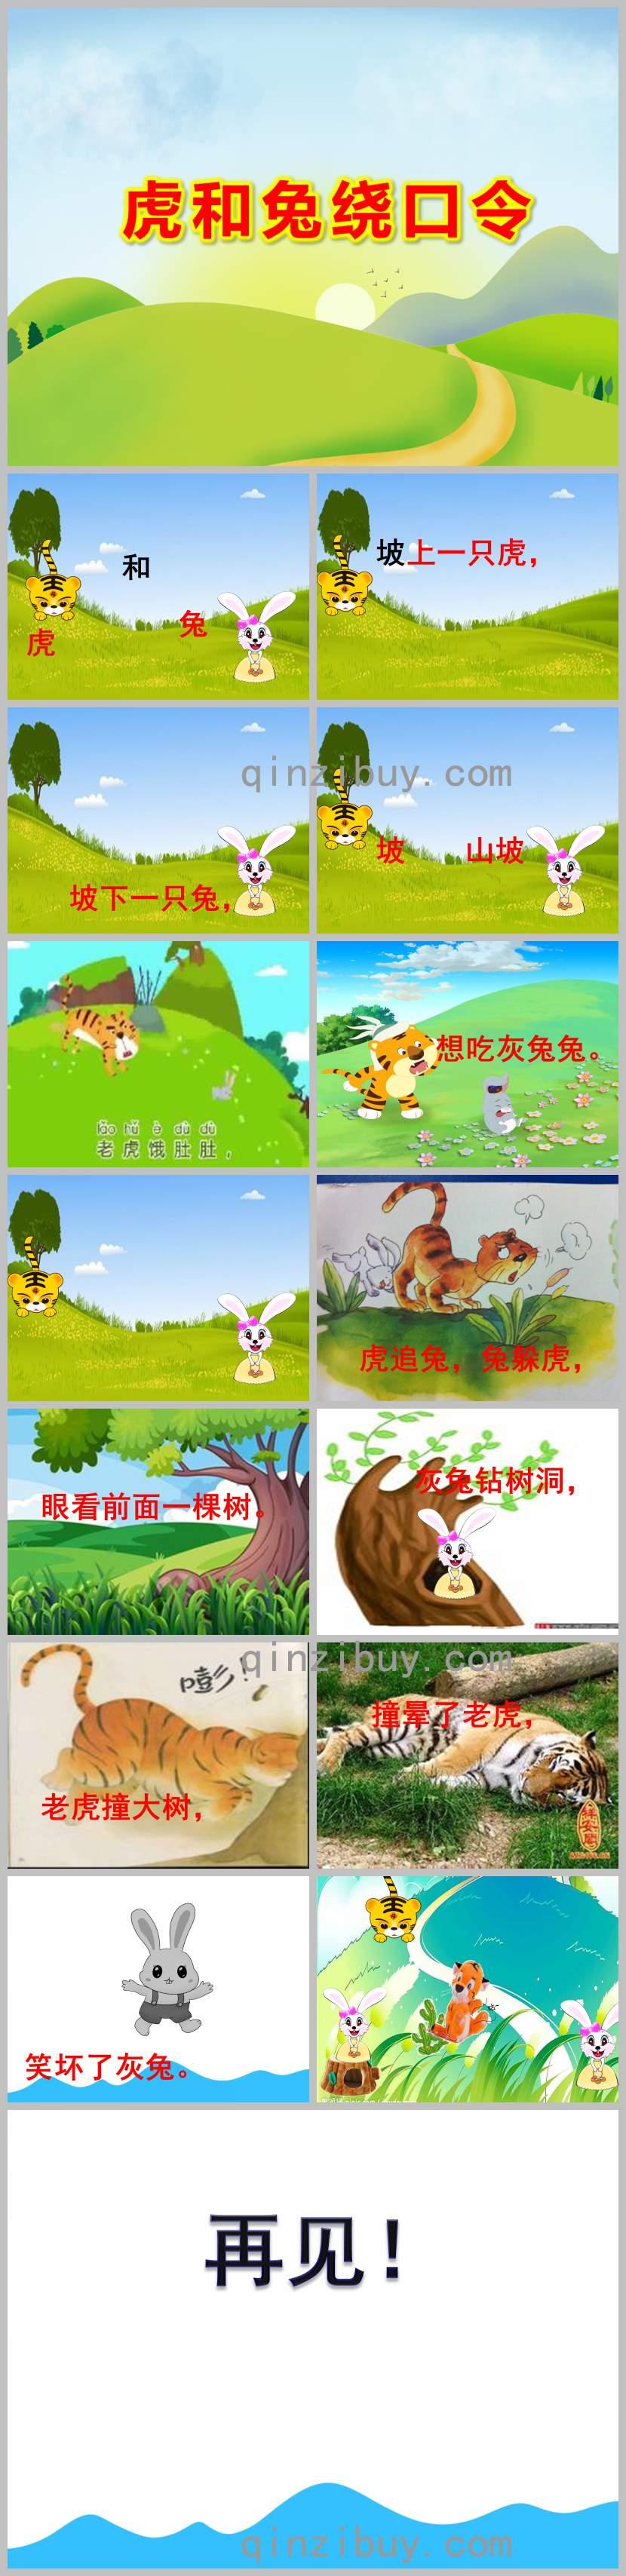 虎和兔绕口令PPT课件教案图片